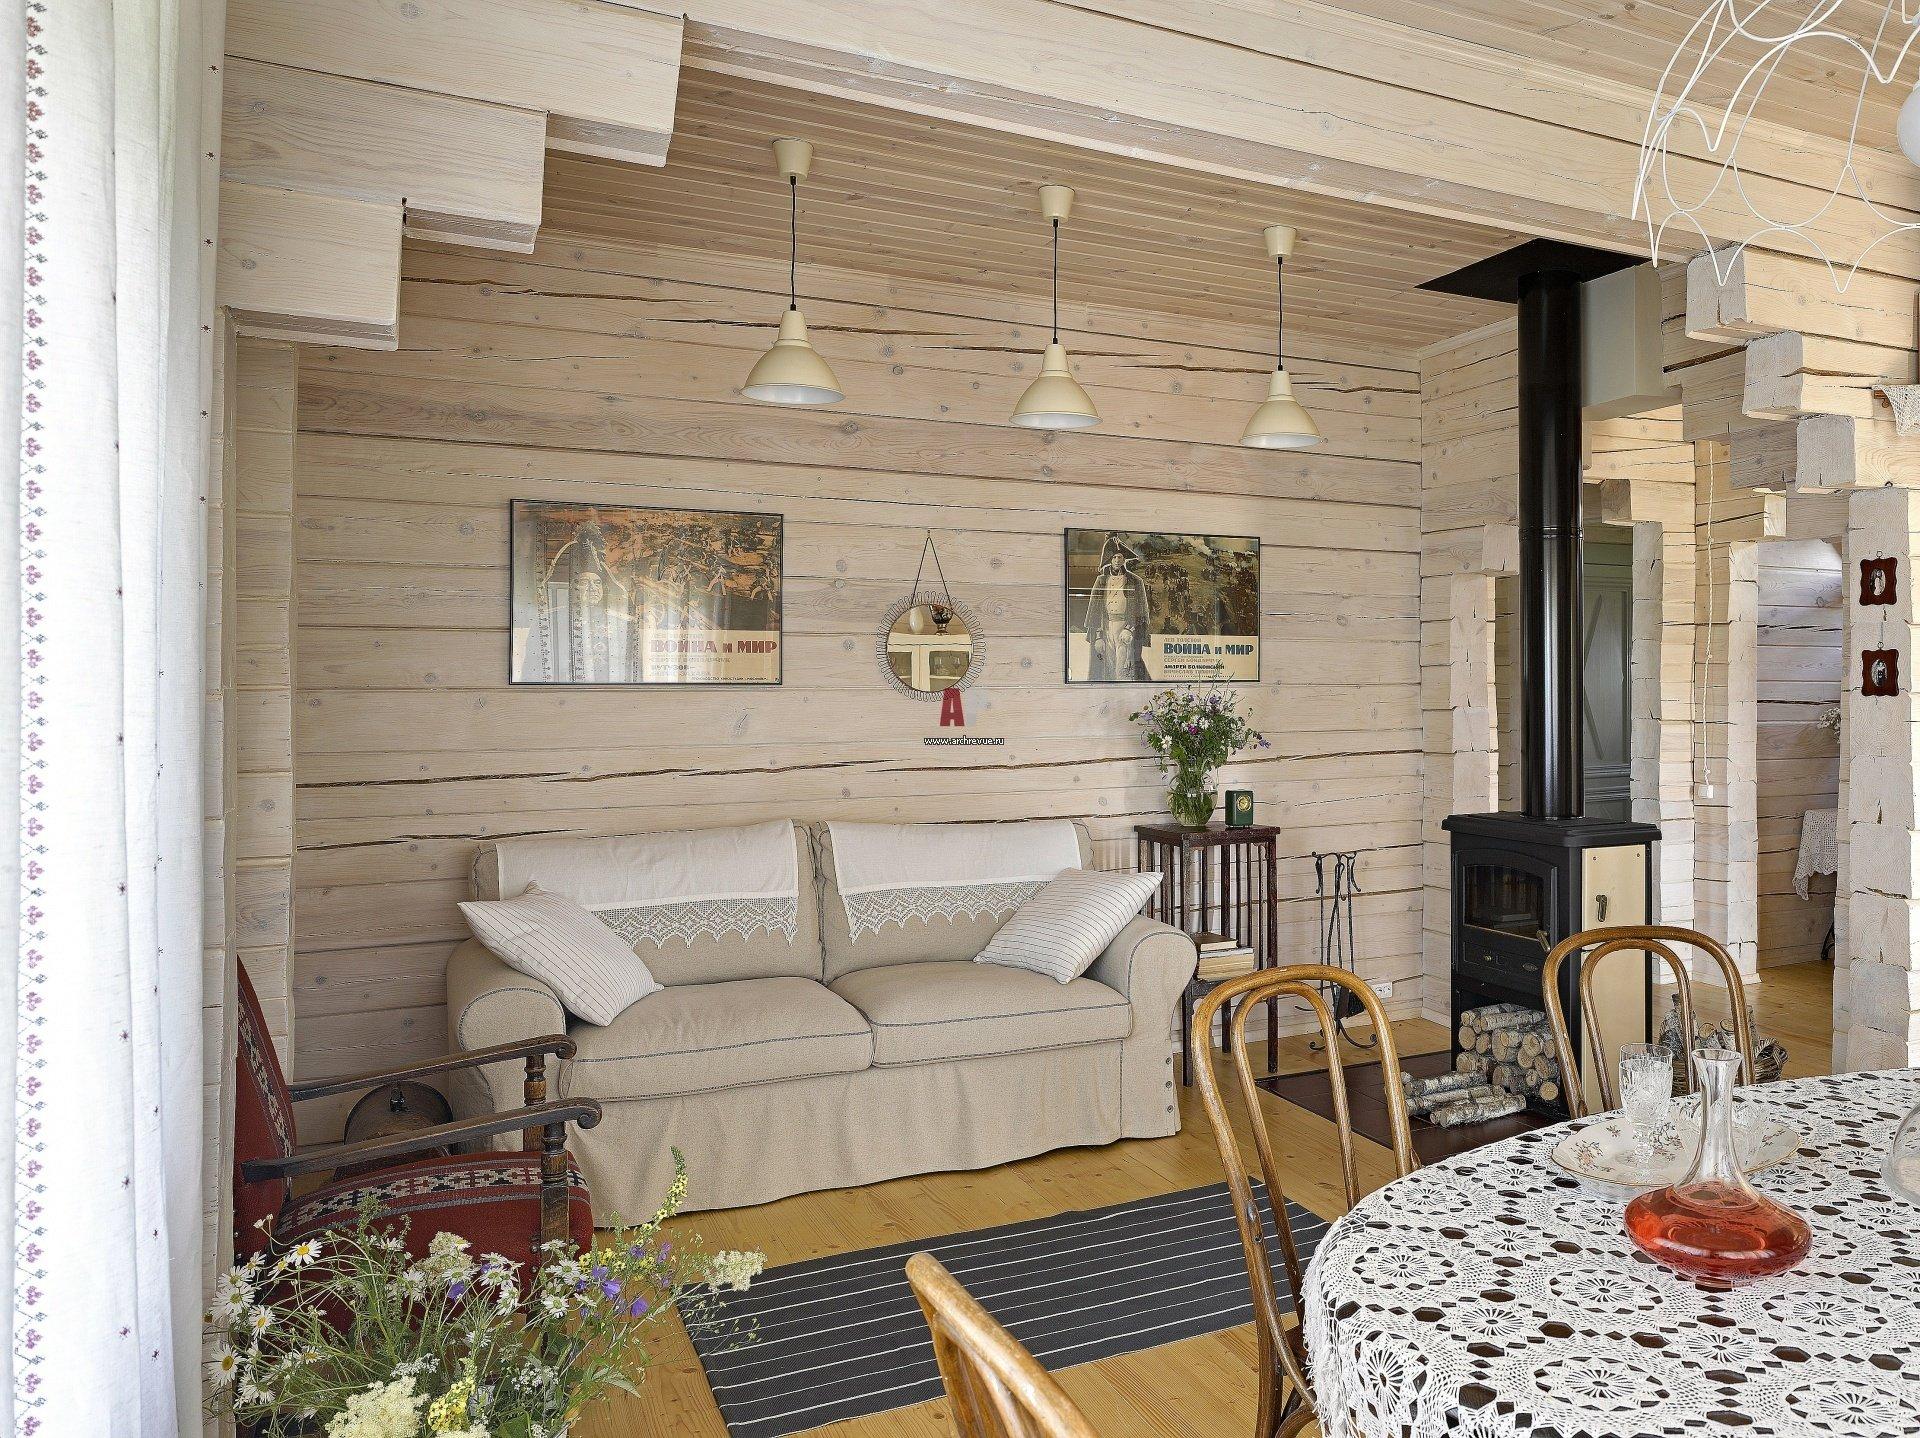 вашем арсенале дизайн садового домика внутри фото эконом класса дачный дом